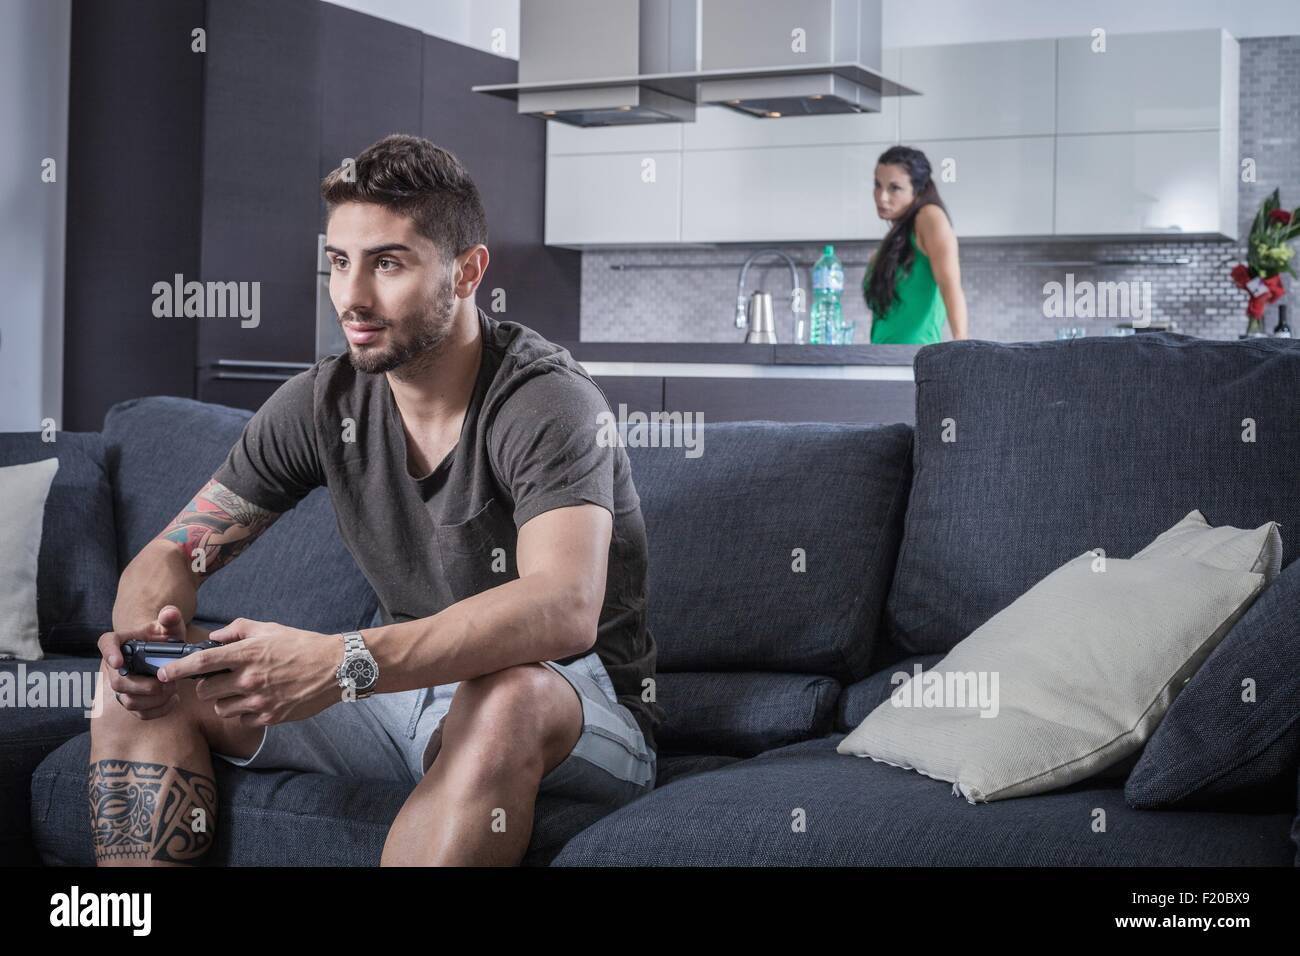 Jeune homme sur canapé à l'aide de contrôle de jeu vu par petite amie en colère Banque D'Images